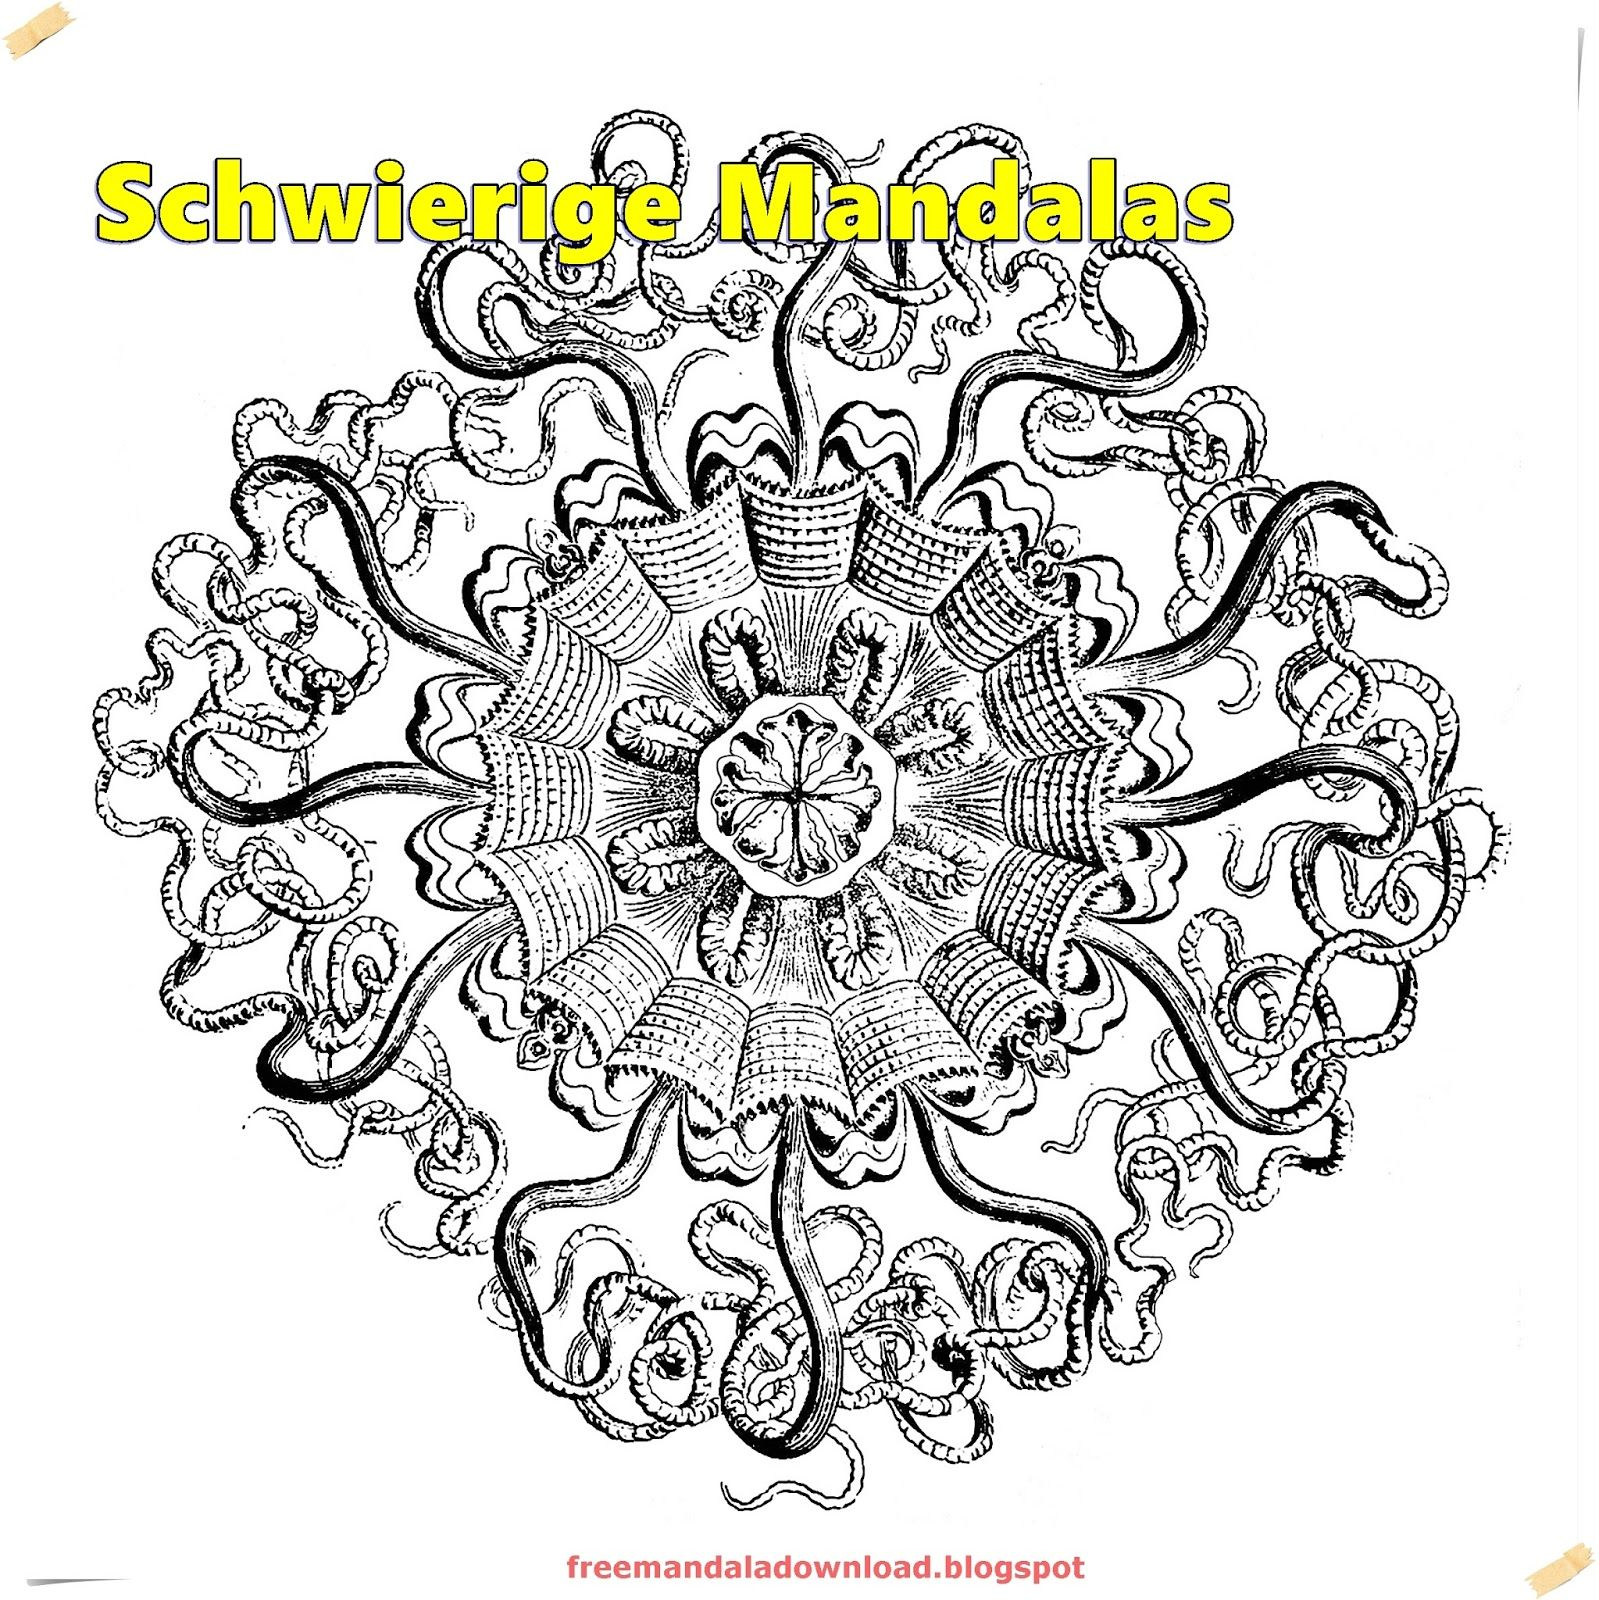 Schwierige Mandalas Für Erwachsene/Difficult Mandalas | Free Mandala ...